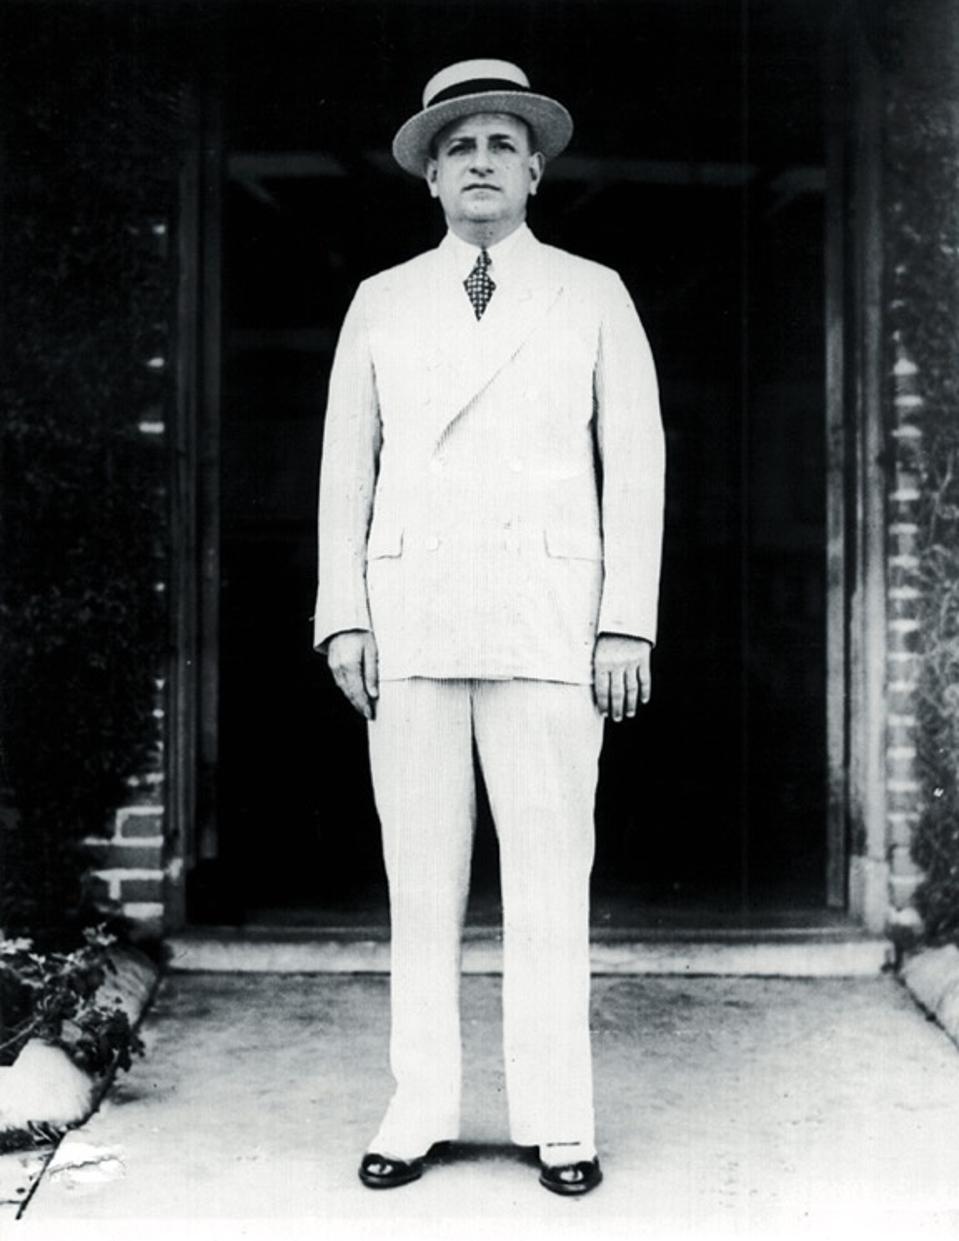 Founder of Haspel: Joseph Haspel